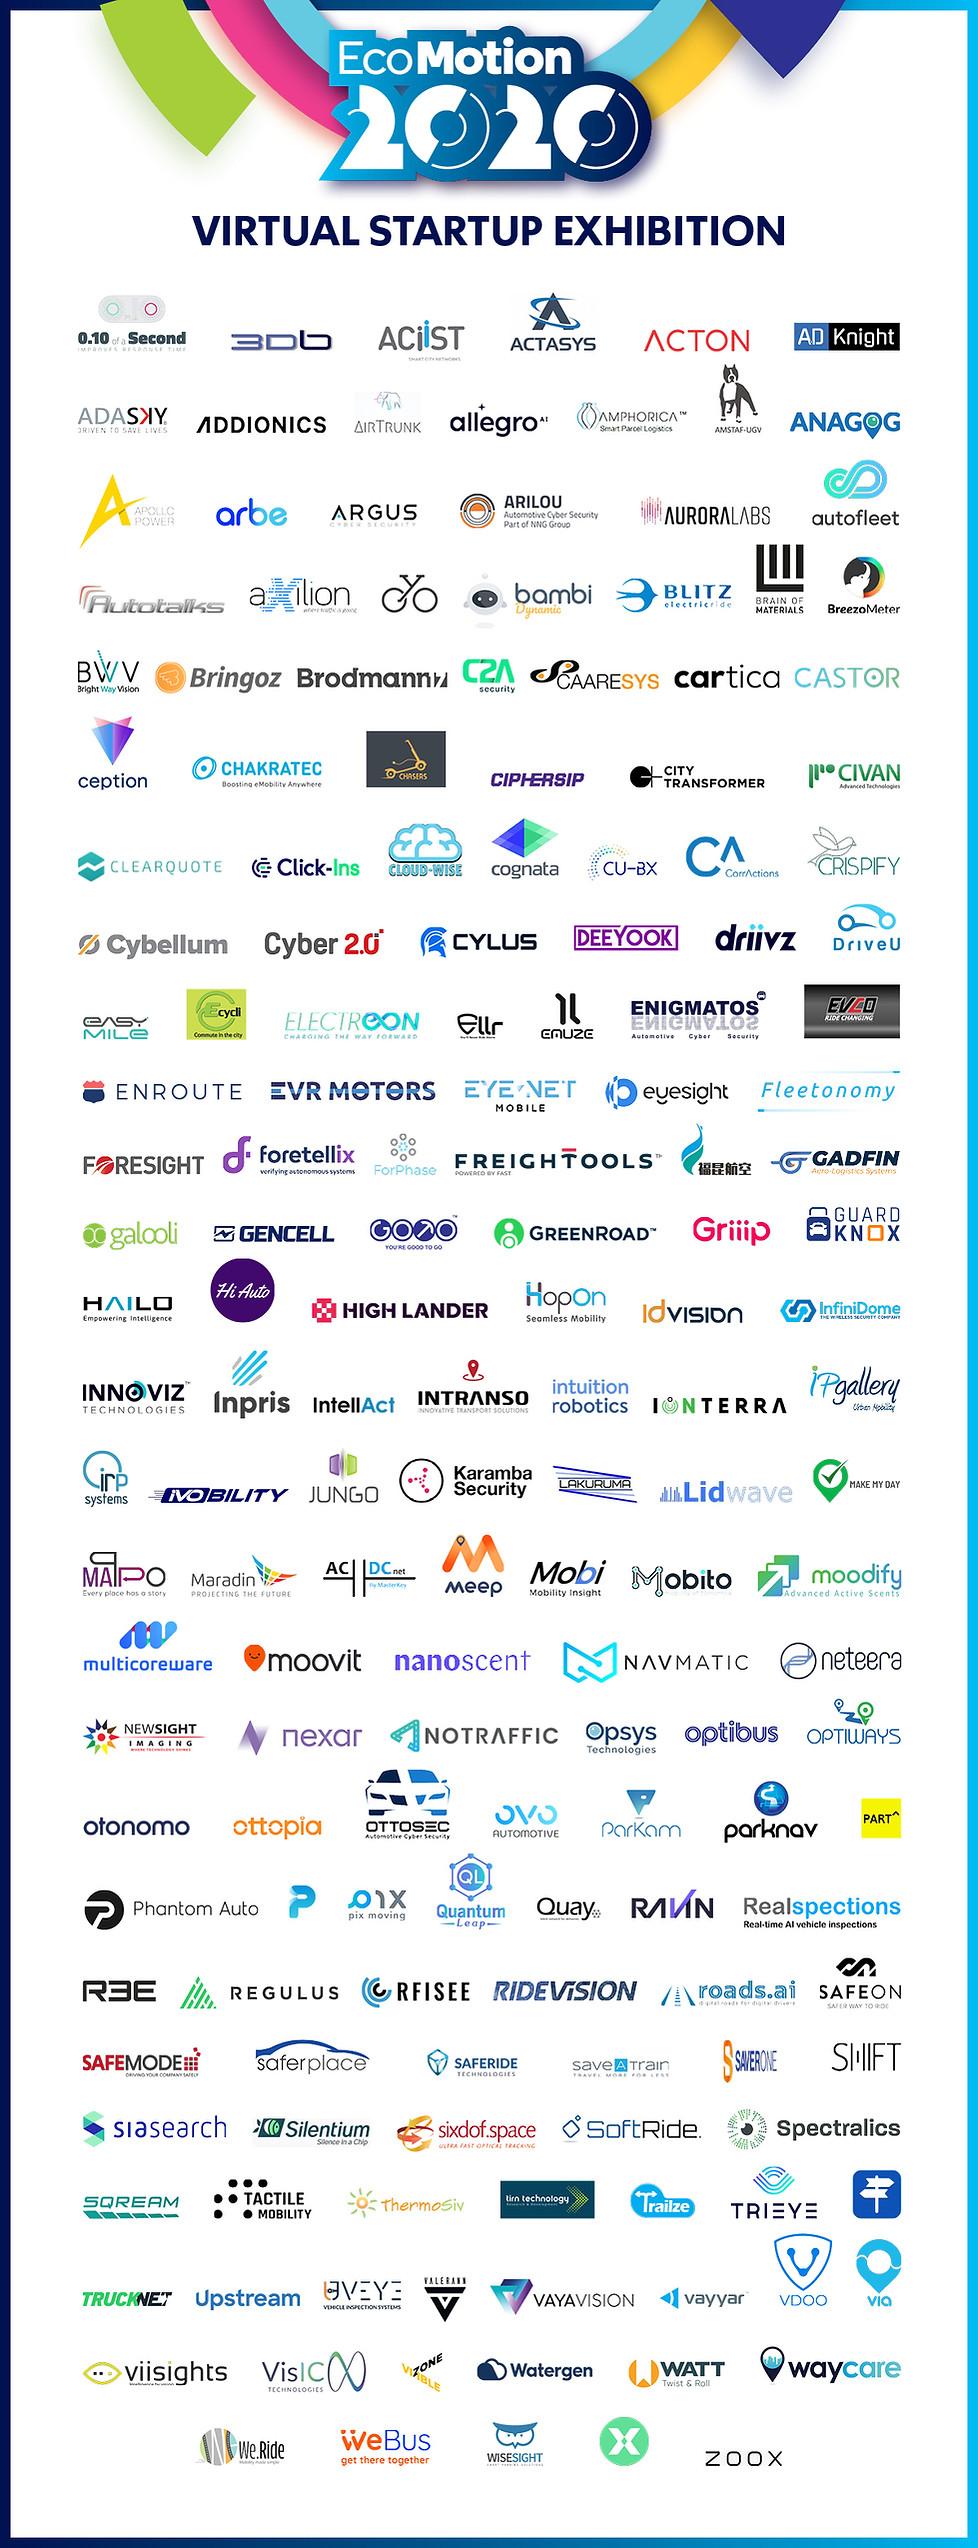 EcoMotion_2020_Newsletter_Startups_114.j